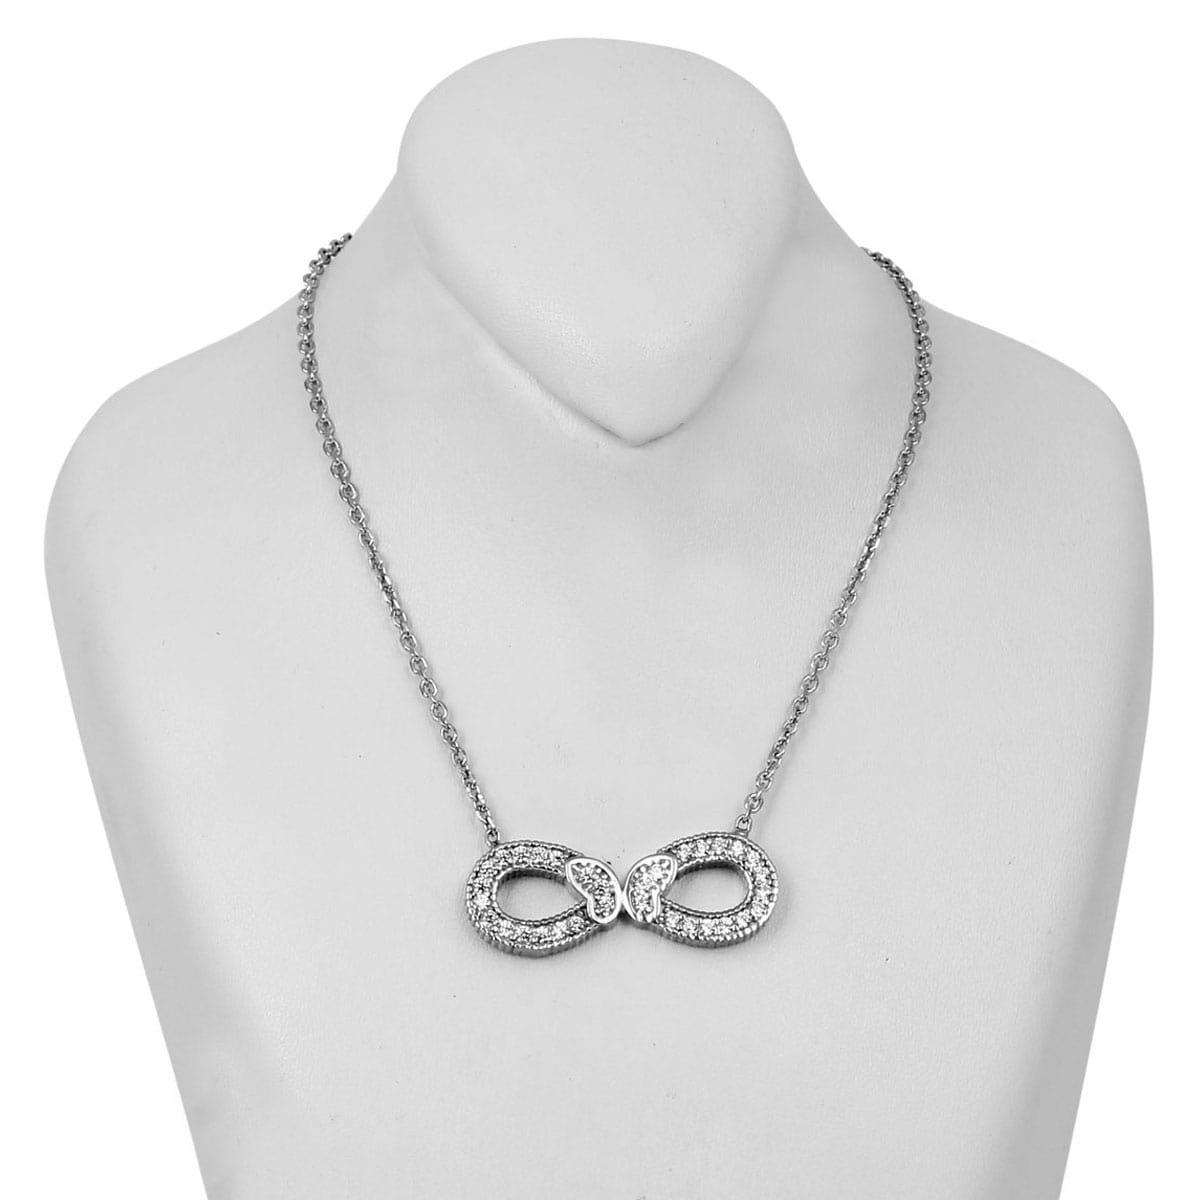 خرید گردنبند نقره زنانه مدل پروانه